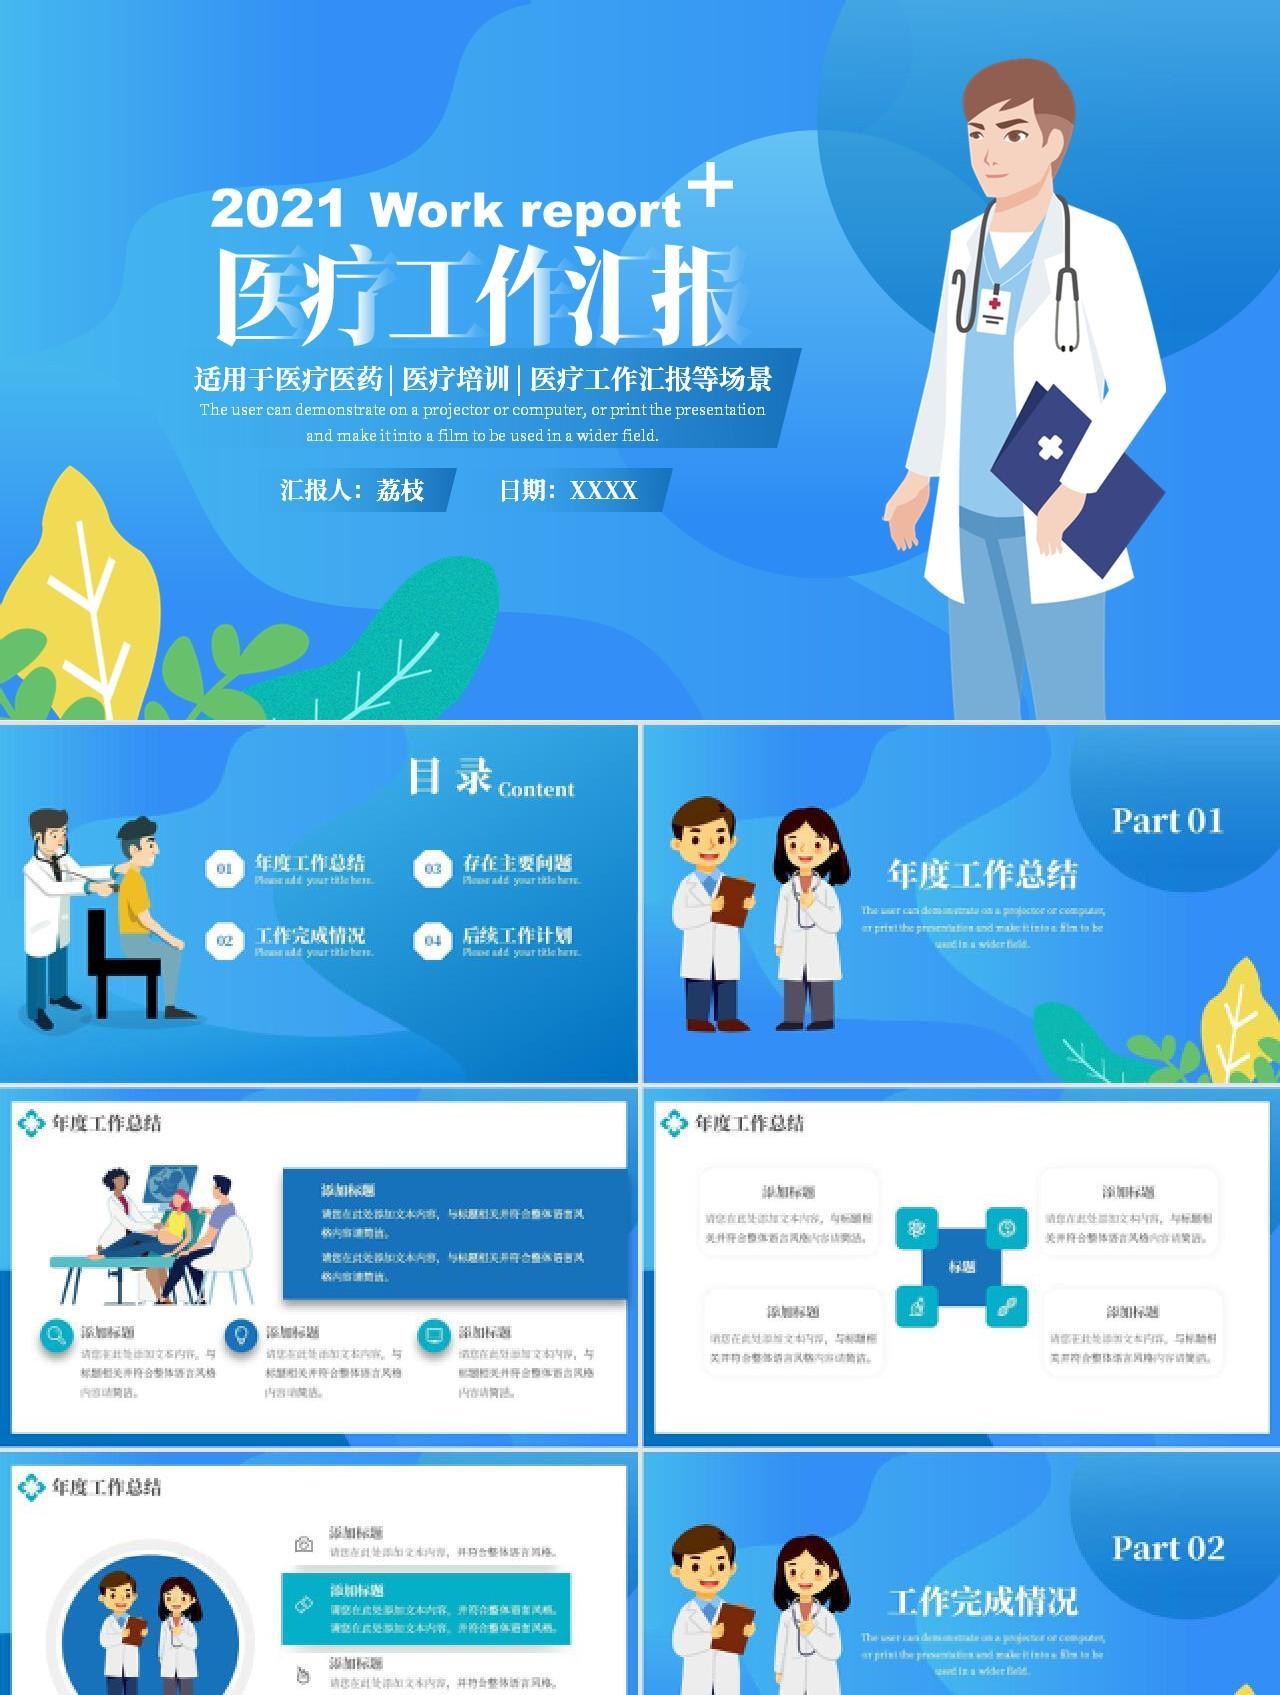 2021蓝色扁平插画风医疗医药行业通用PPT模板